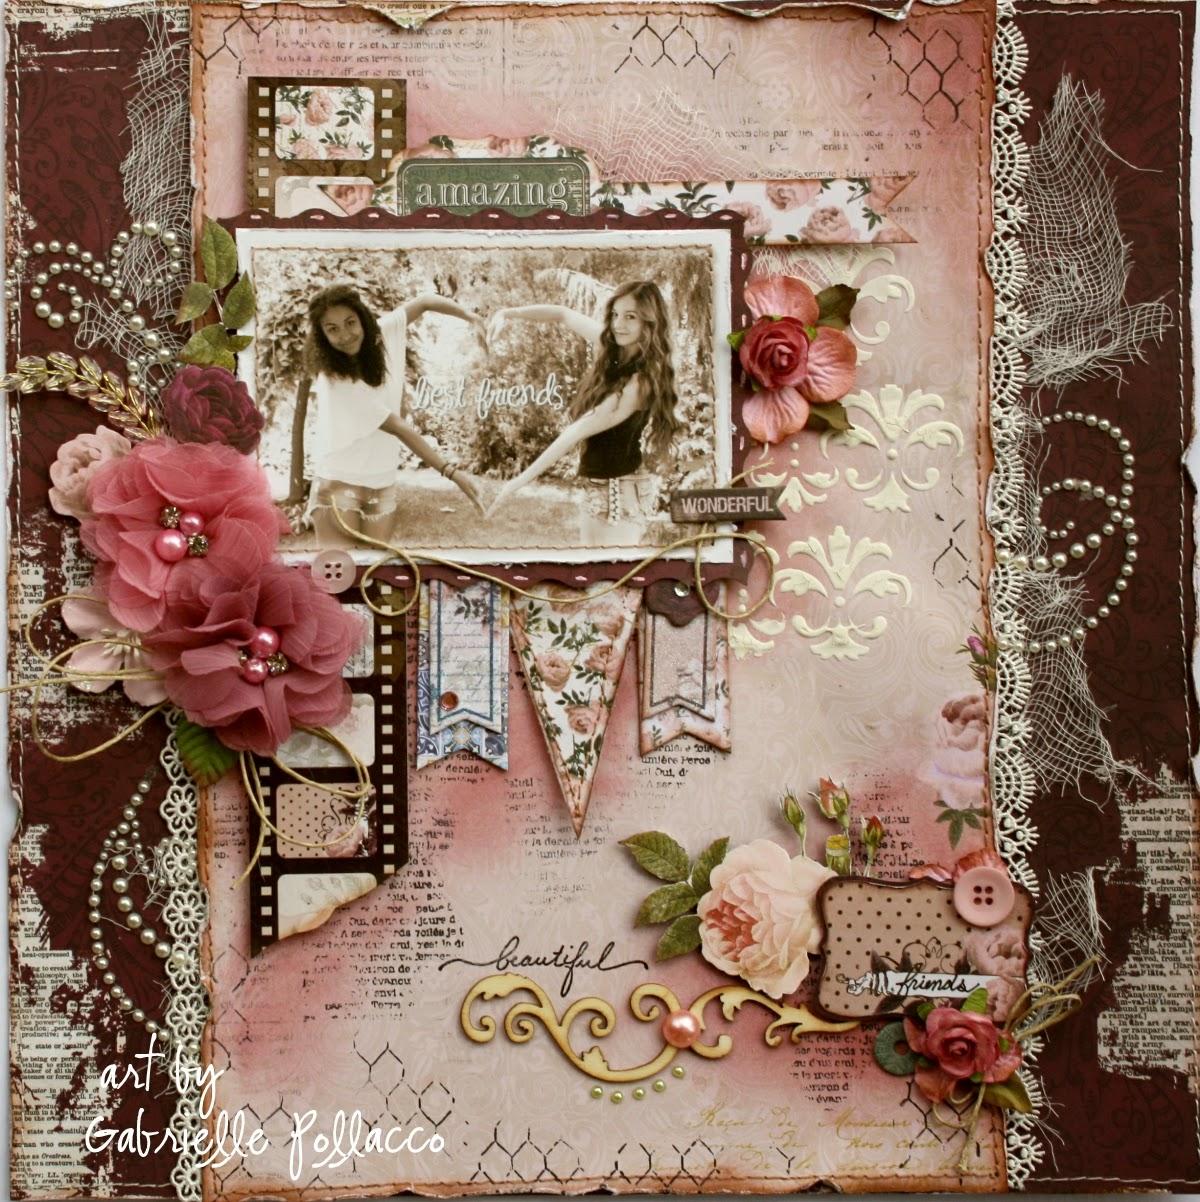 Best friend scrapbook ideas - Best Friends Bo Bunny S New Rose Cafe